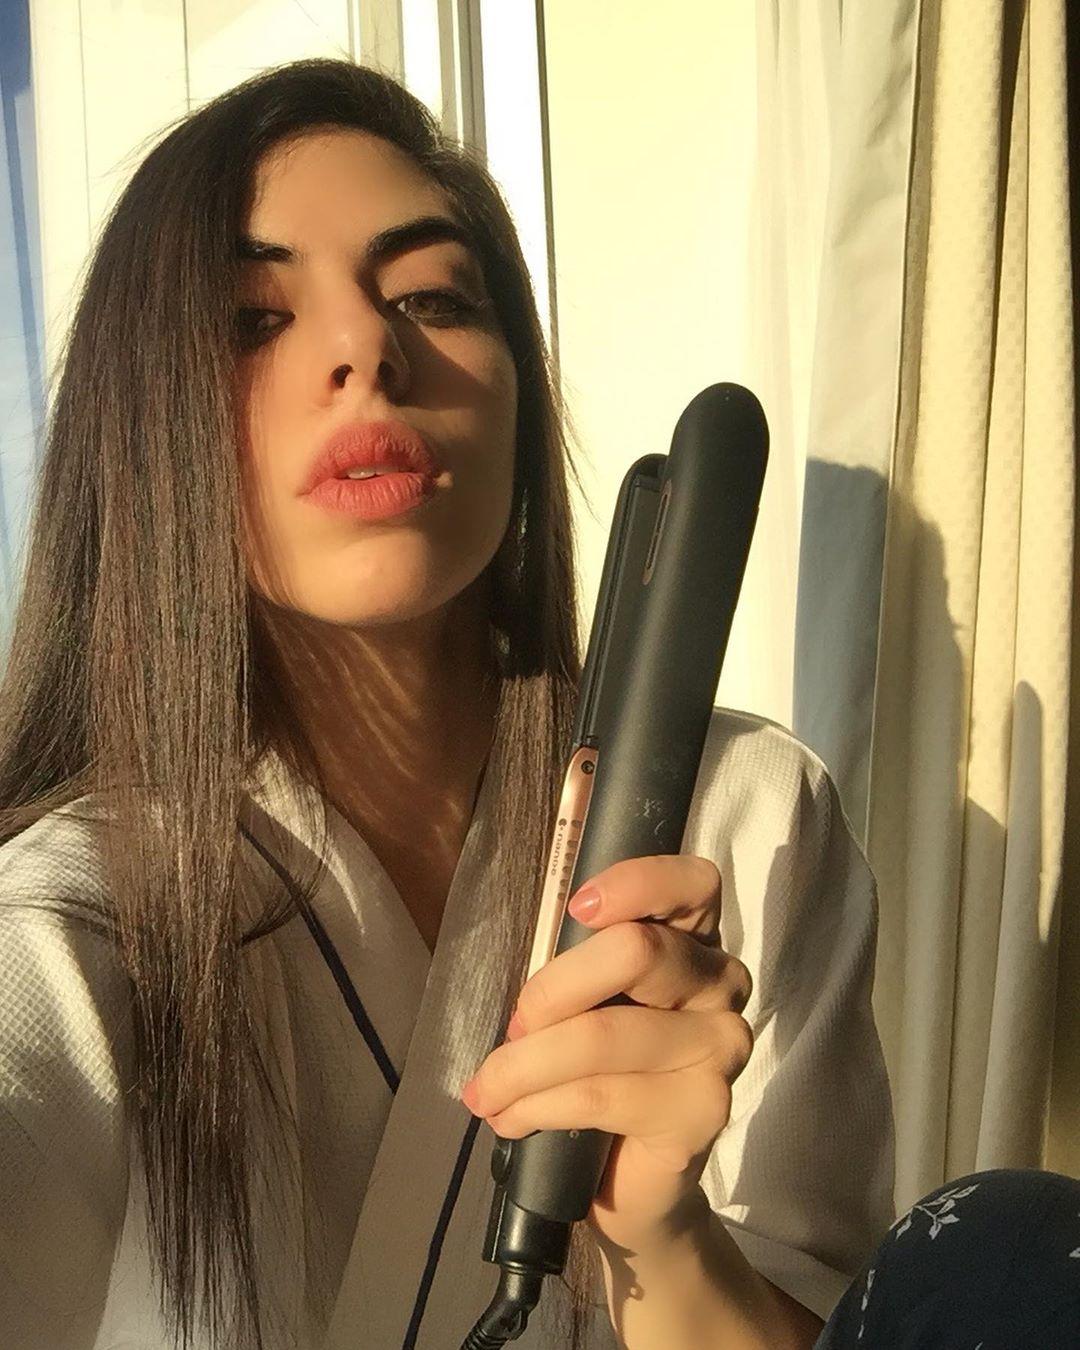 majo barbis, miss international peru 2019. - Página 5 77251010